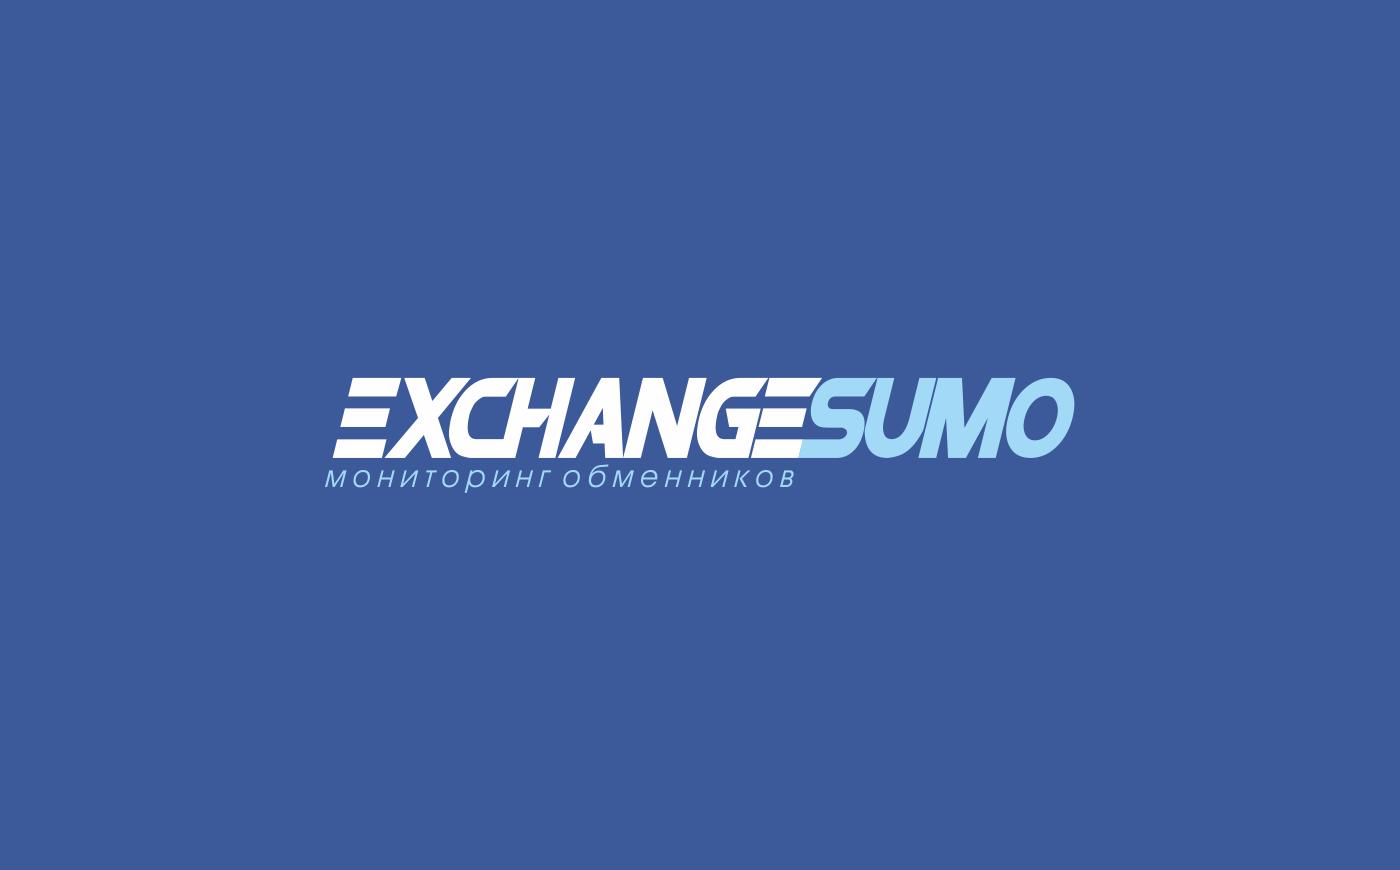 Логотип для мониторинга обменников фото f_9295bb20a89c6a30.png